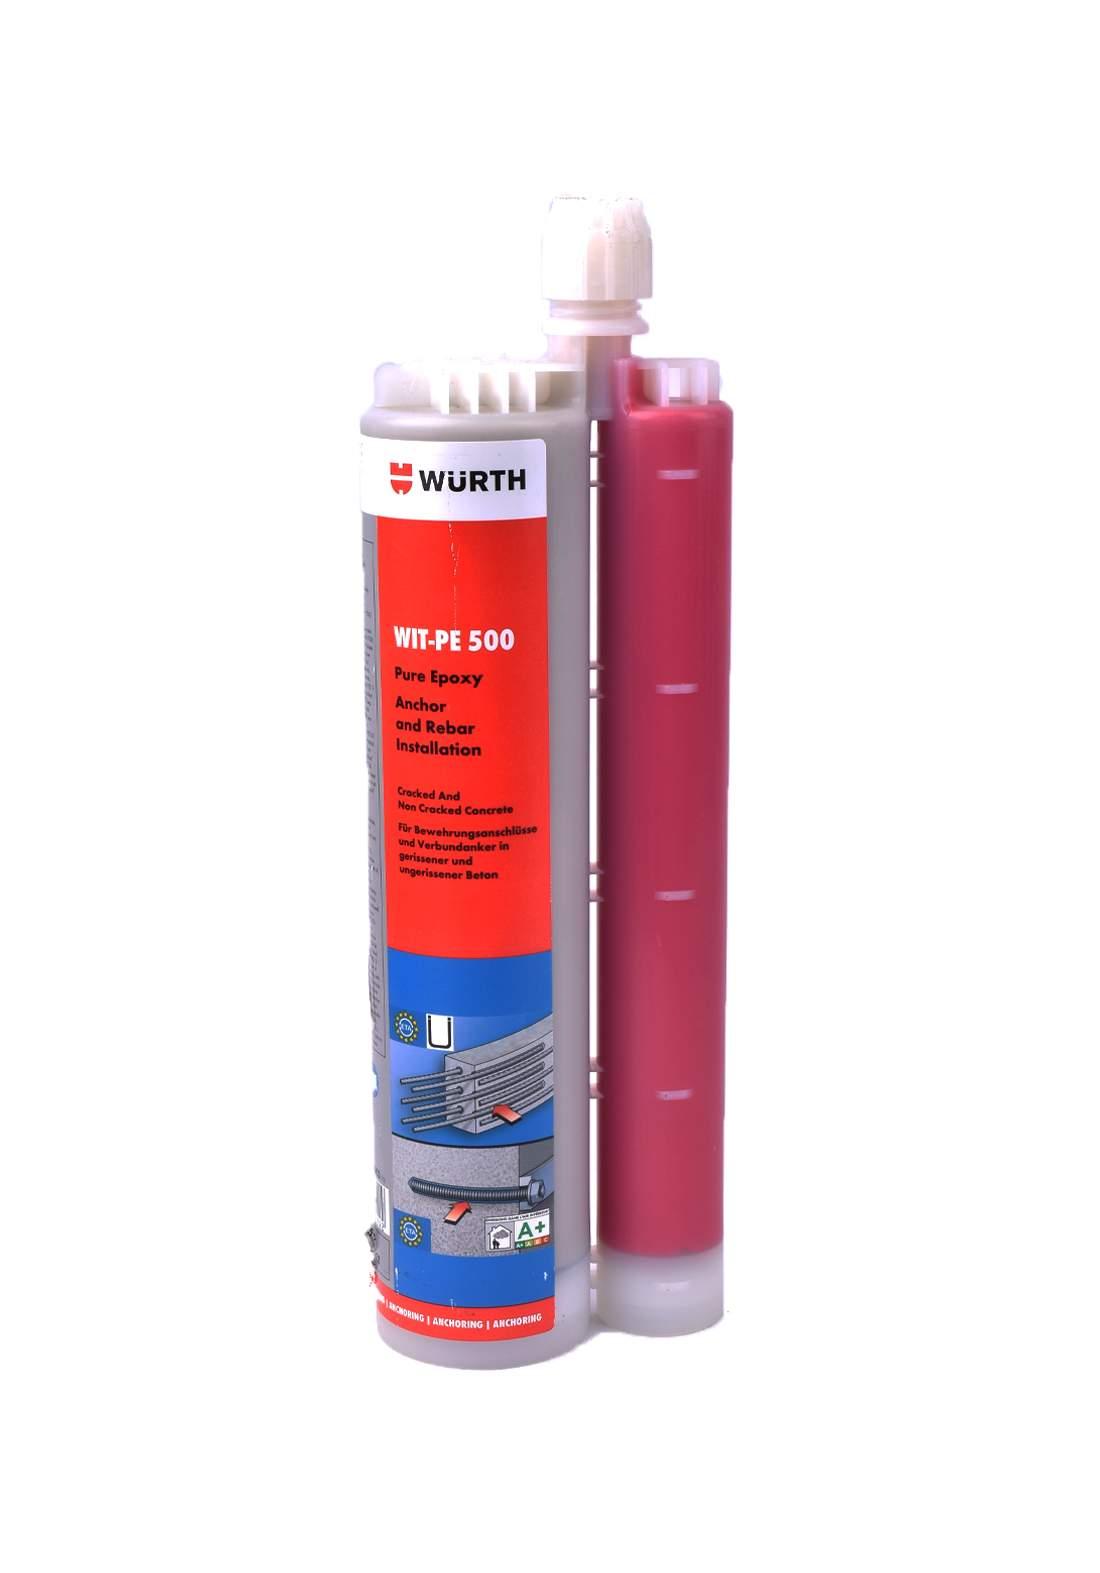 Wurth wit-PE500 Chemical fixative ايبوكسي مثبت مسامير للكونكريت